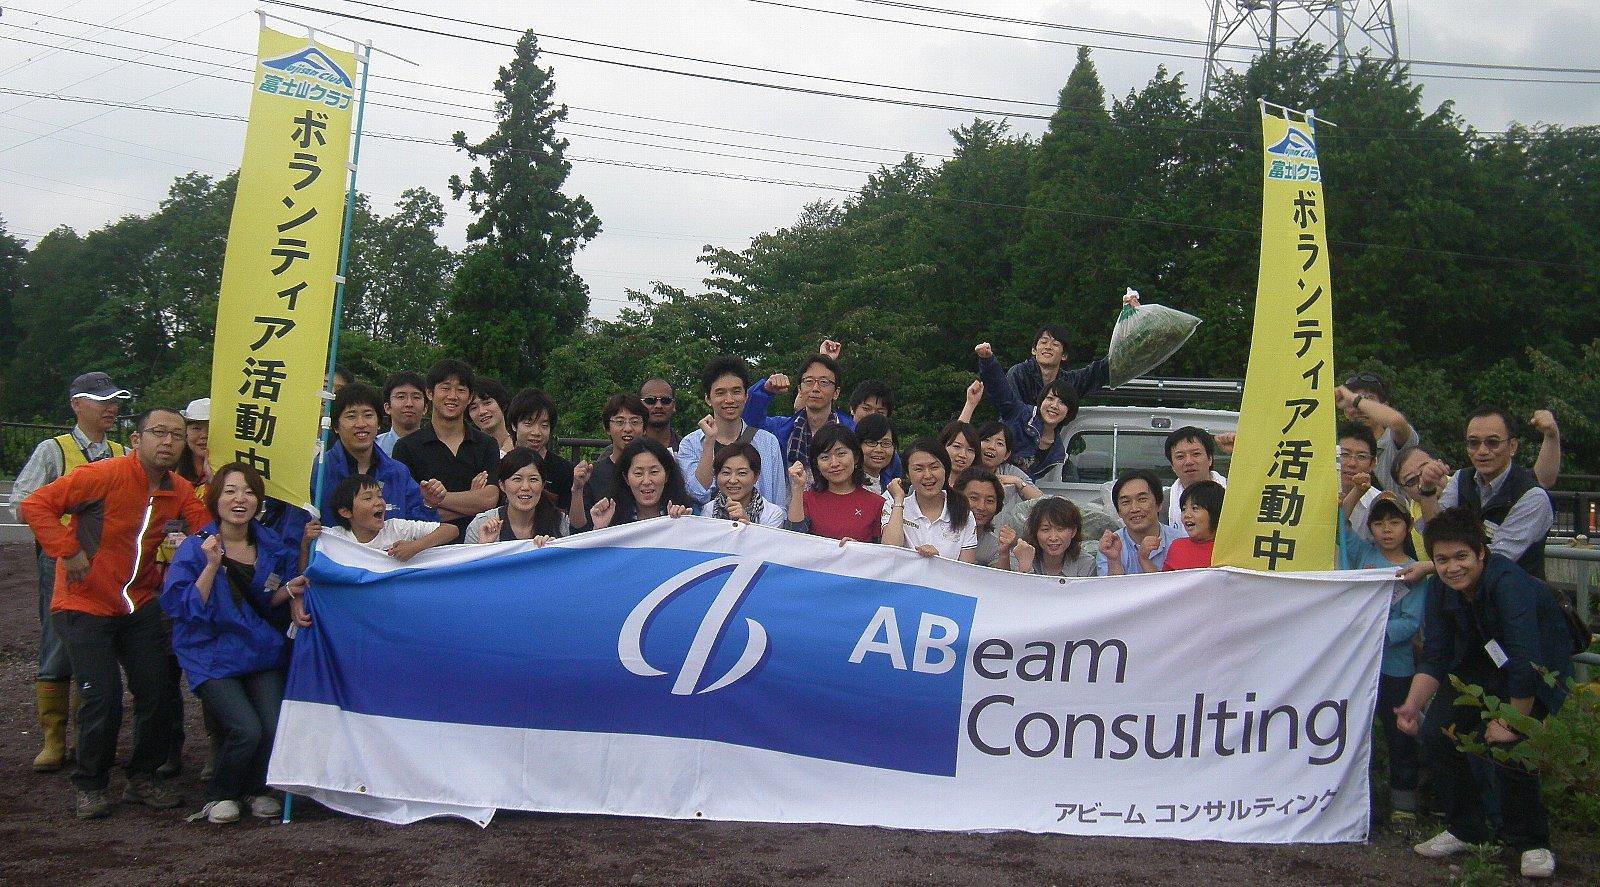 アビーム コンサルティング 株式会社の皆様と特定外来生物駆除活動を実施しました!!